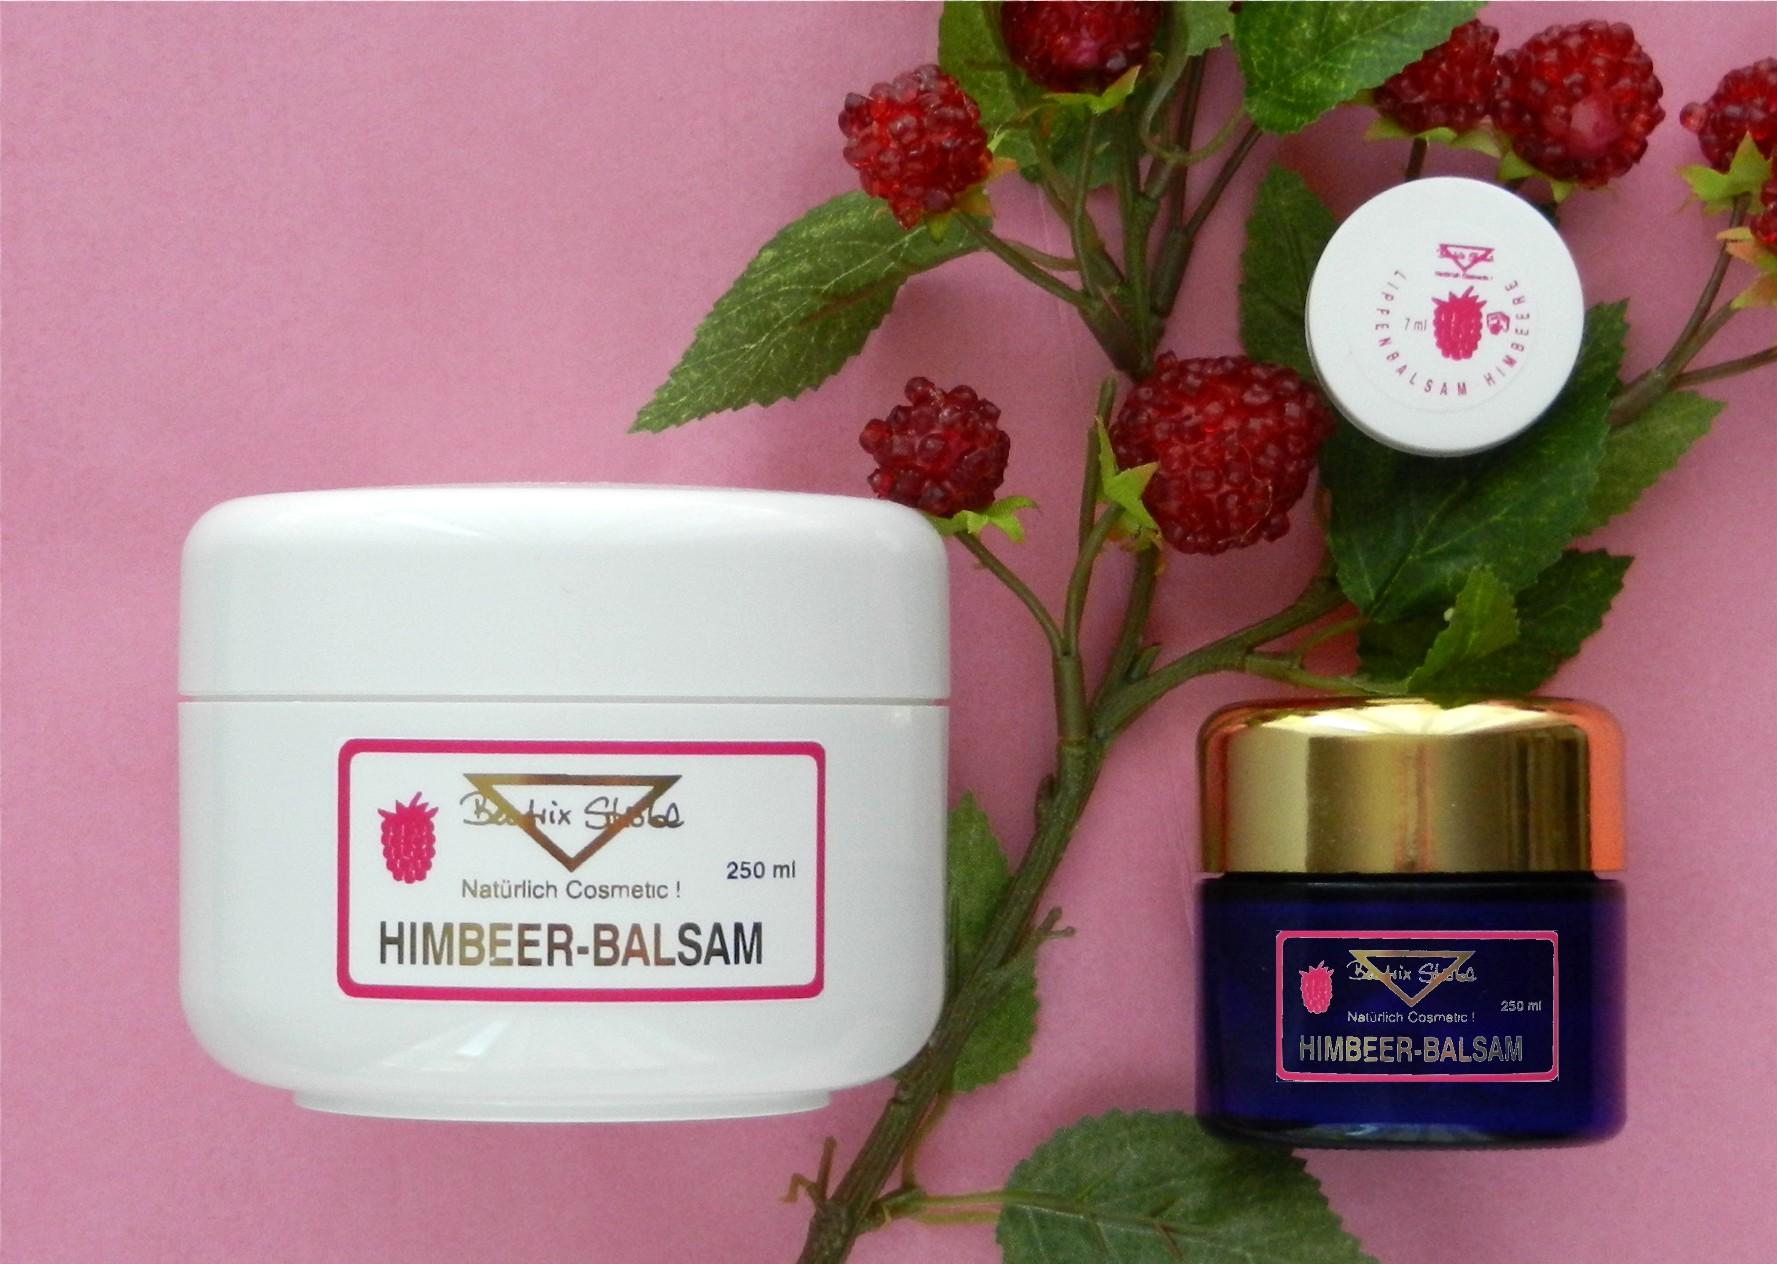 Himbeer-Balsam für Lippen und Augen